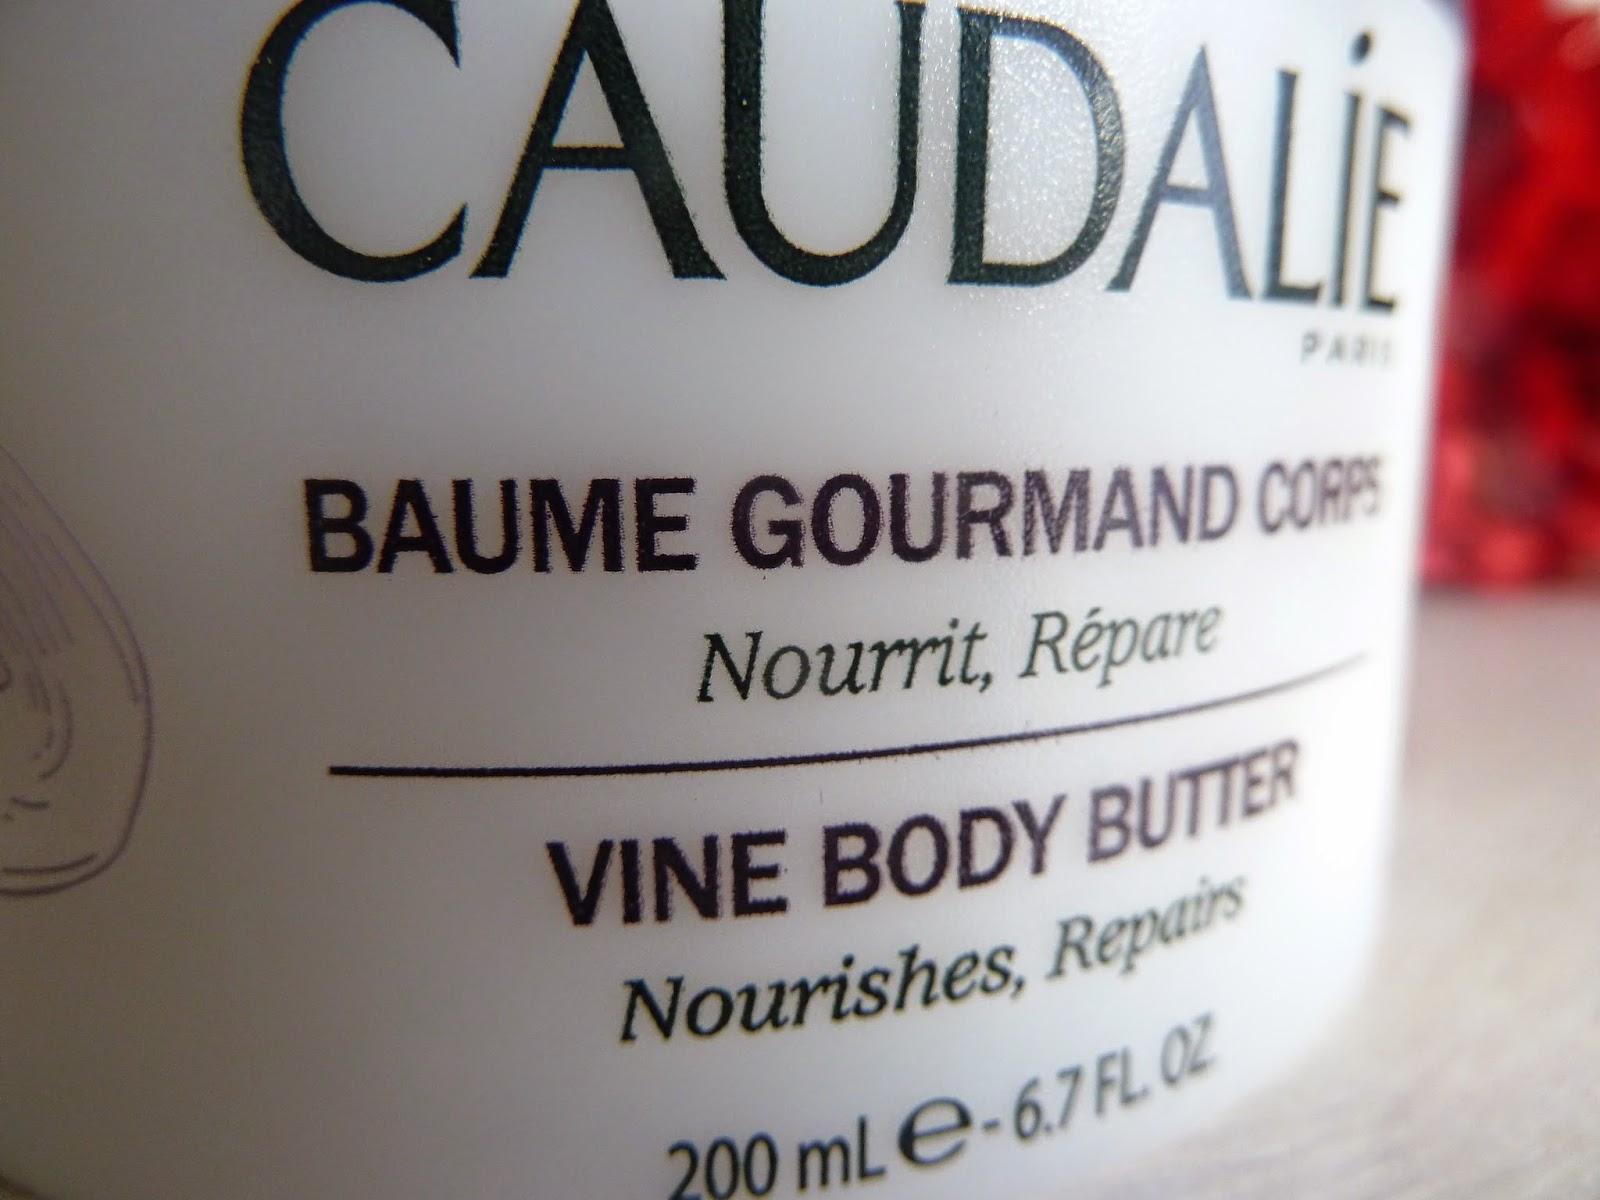 Les peaux assoiffées vont adorer le Baume Gourmand Corps de CAUDALIE